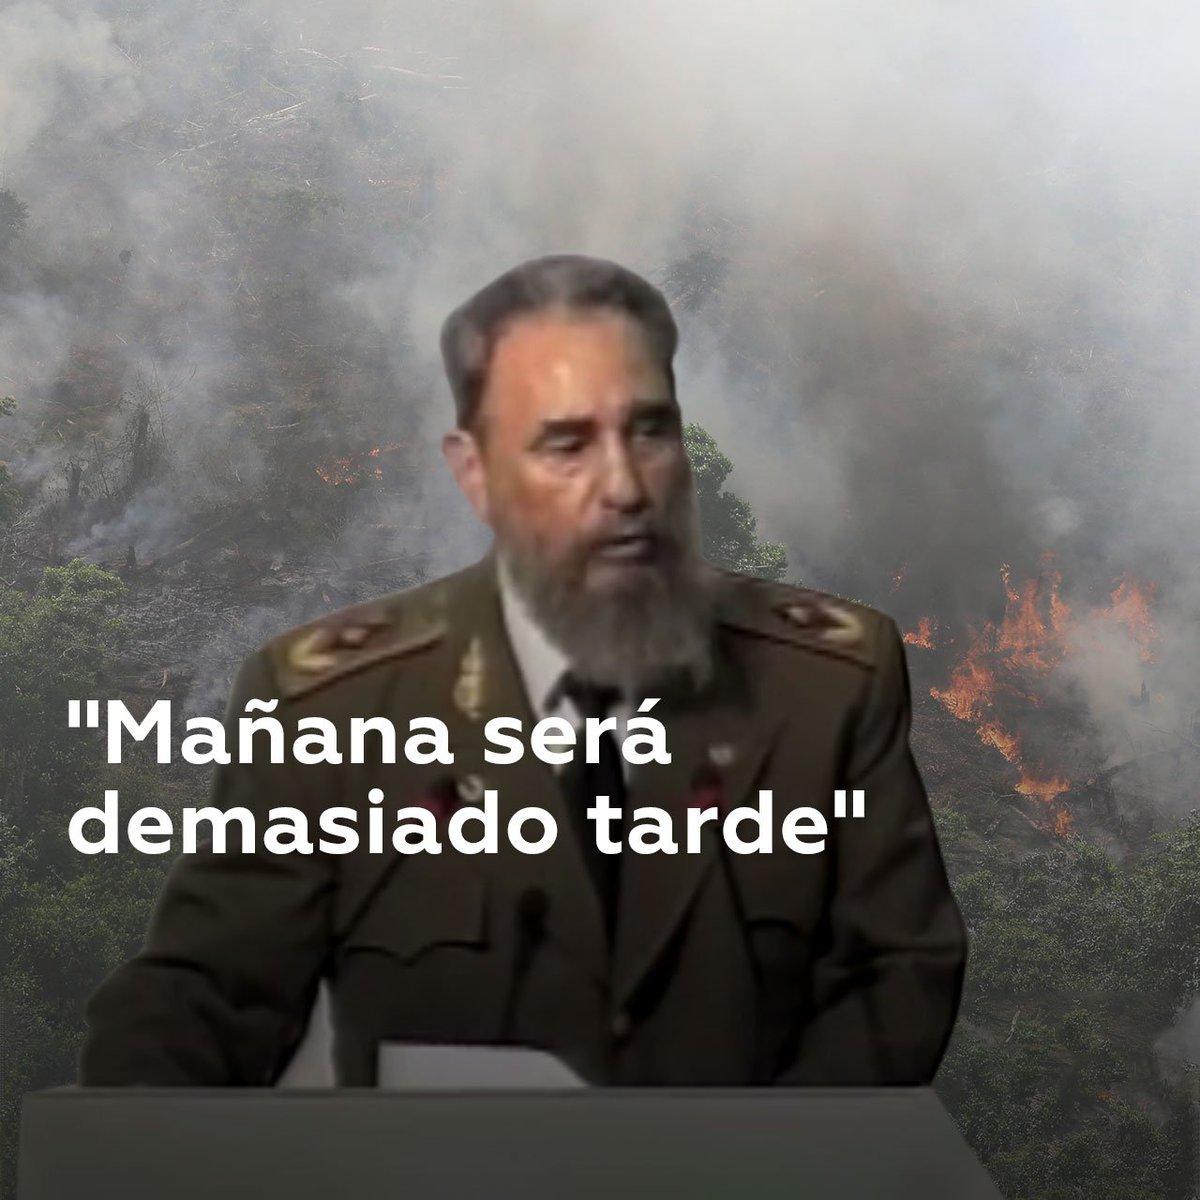 Hace 27 años, el líder cubano Fidel Castro pronunció su discurso en la Conferencia de las Naciones Unidas sobre el Medio Ambiente y el Desarrollo que acogió Río de Janeiro (Brasil). Sus palabras provocan escalofríos si se tiene en cuenta la destrucción de la Amazonía hoy en día